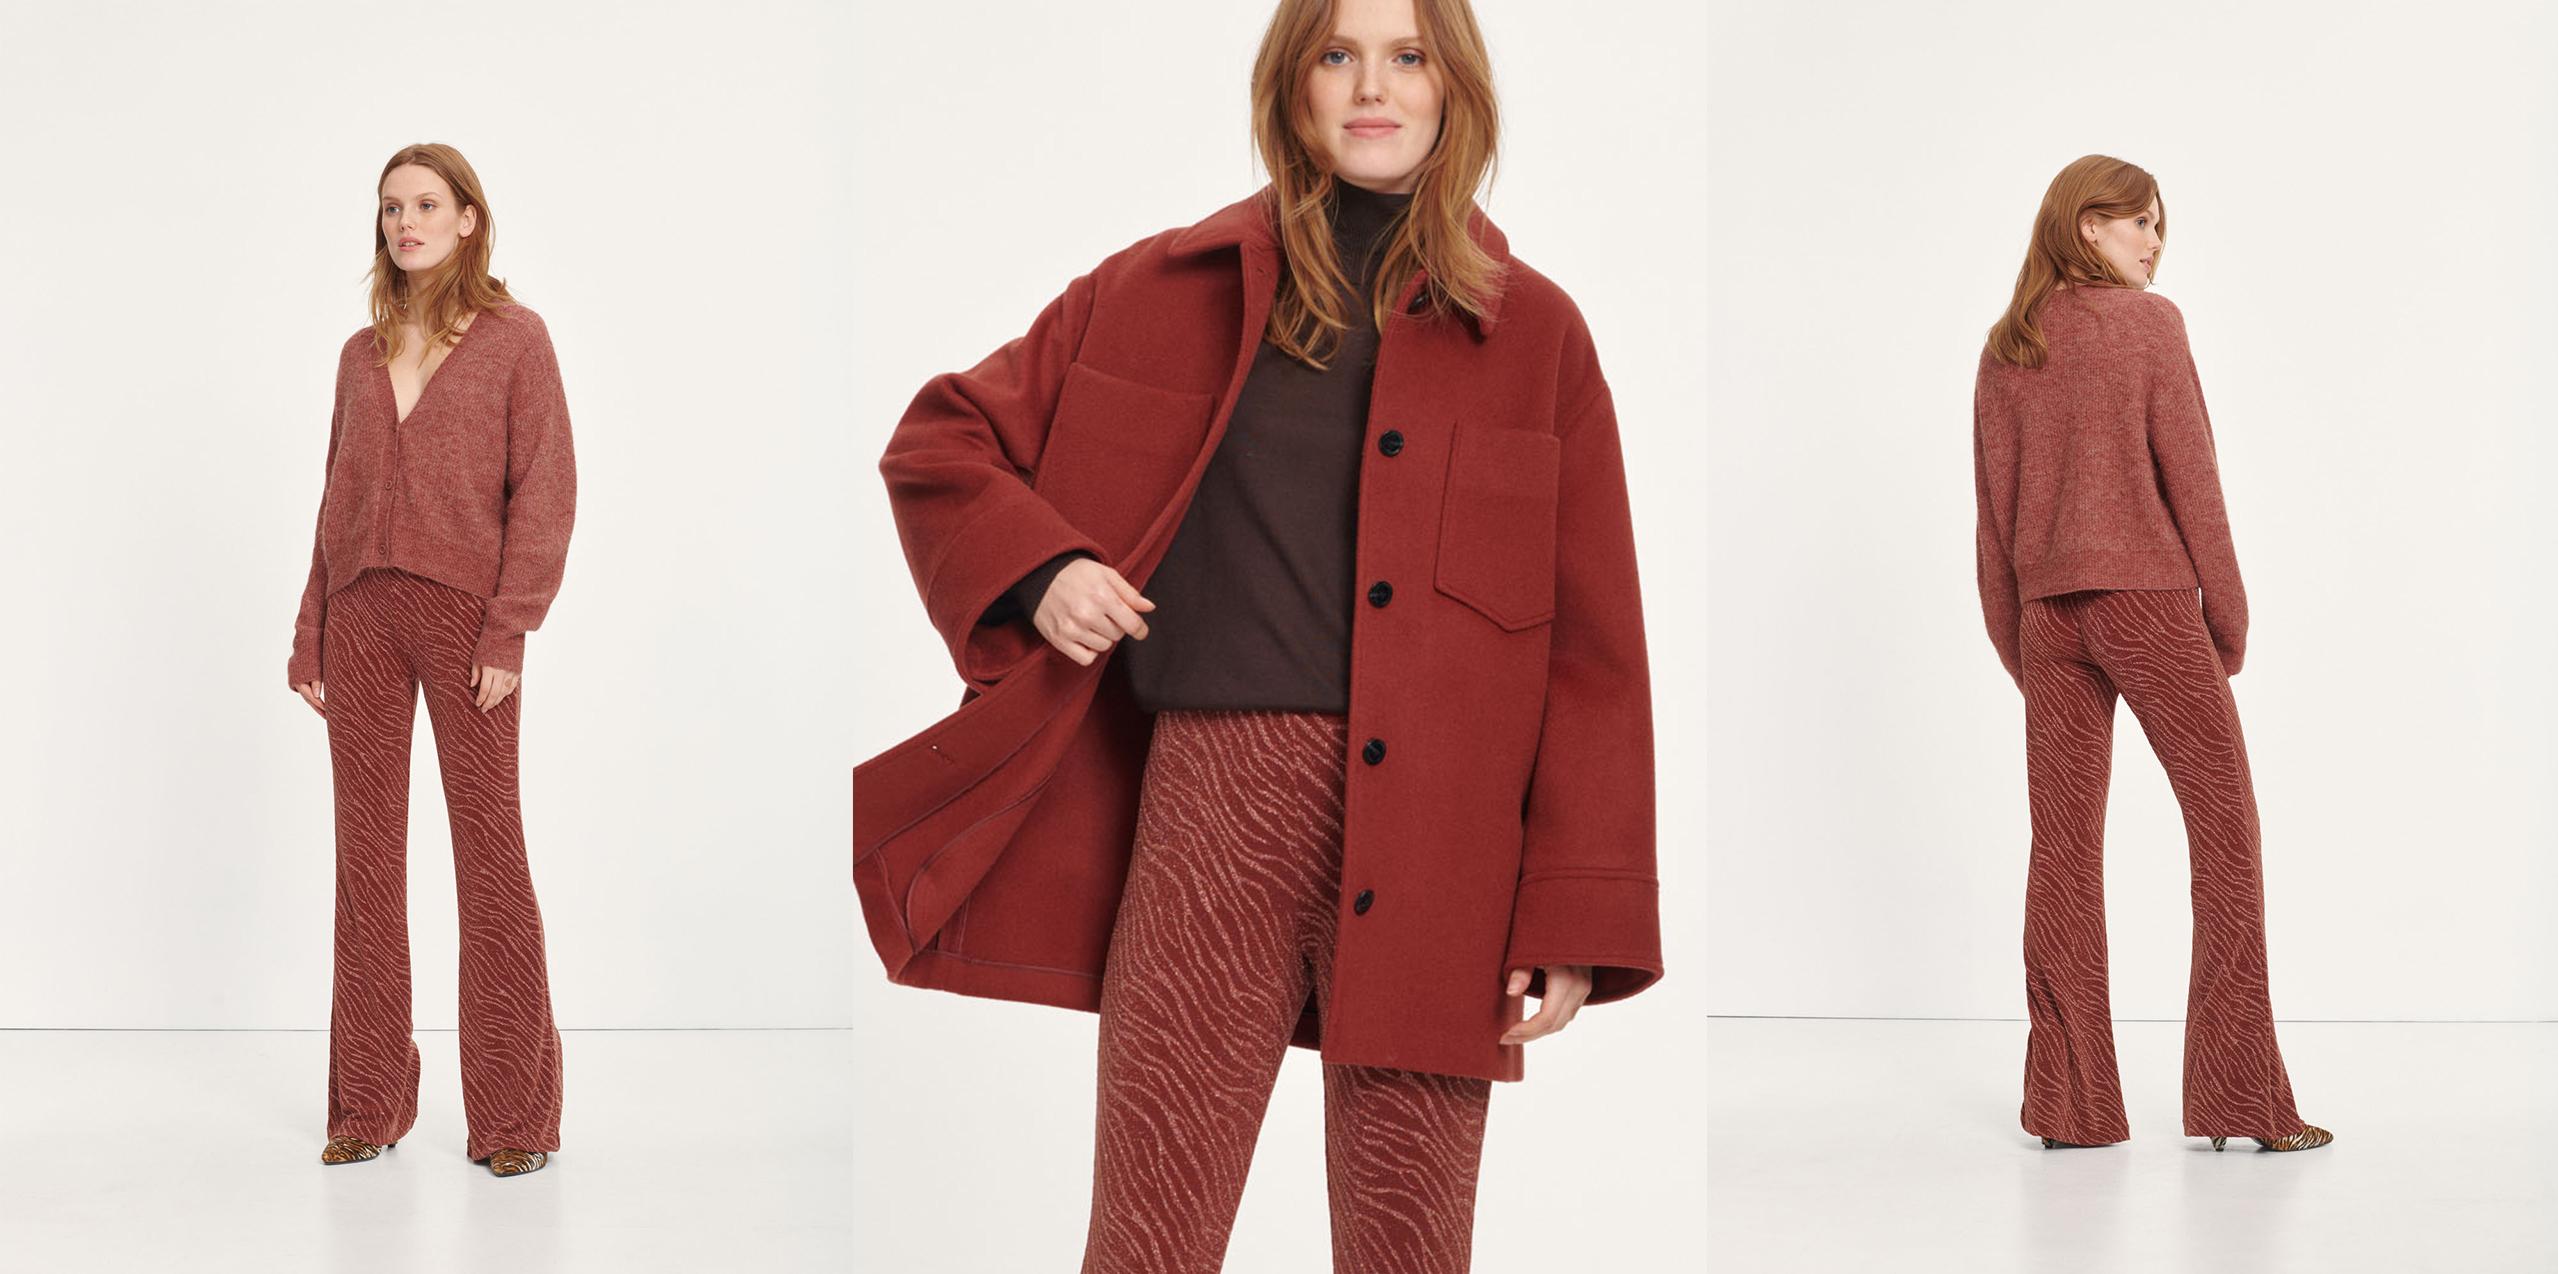 Camoua trousers 12821 Women's fashion